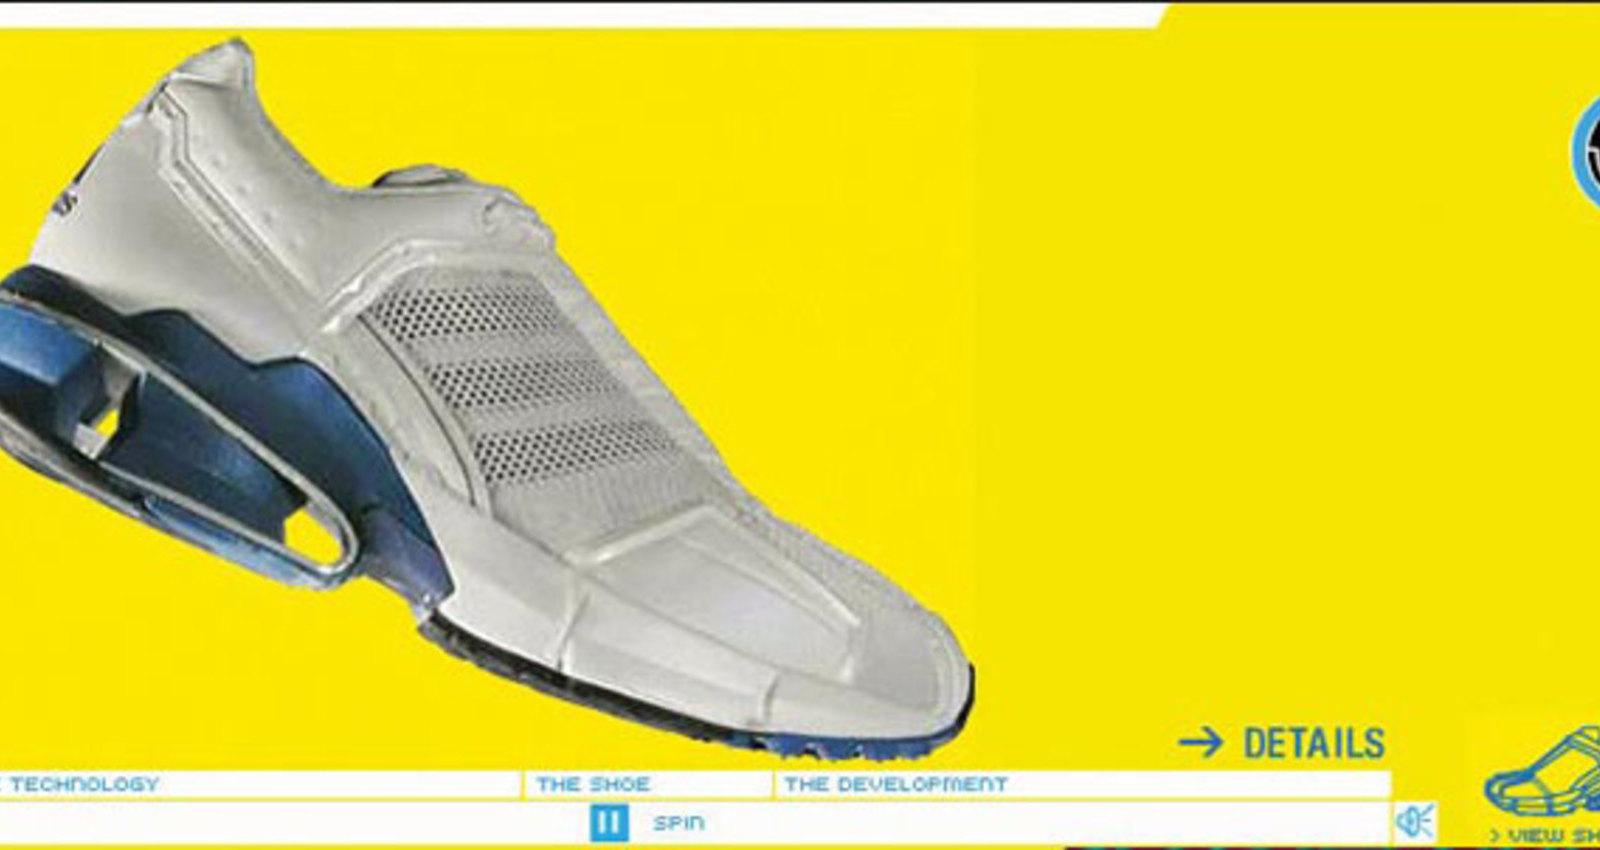 adidas.running - a3 Launch